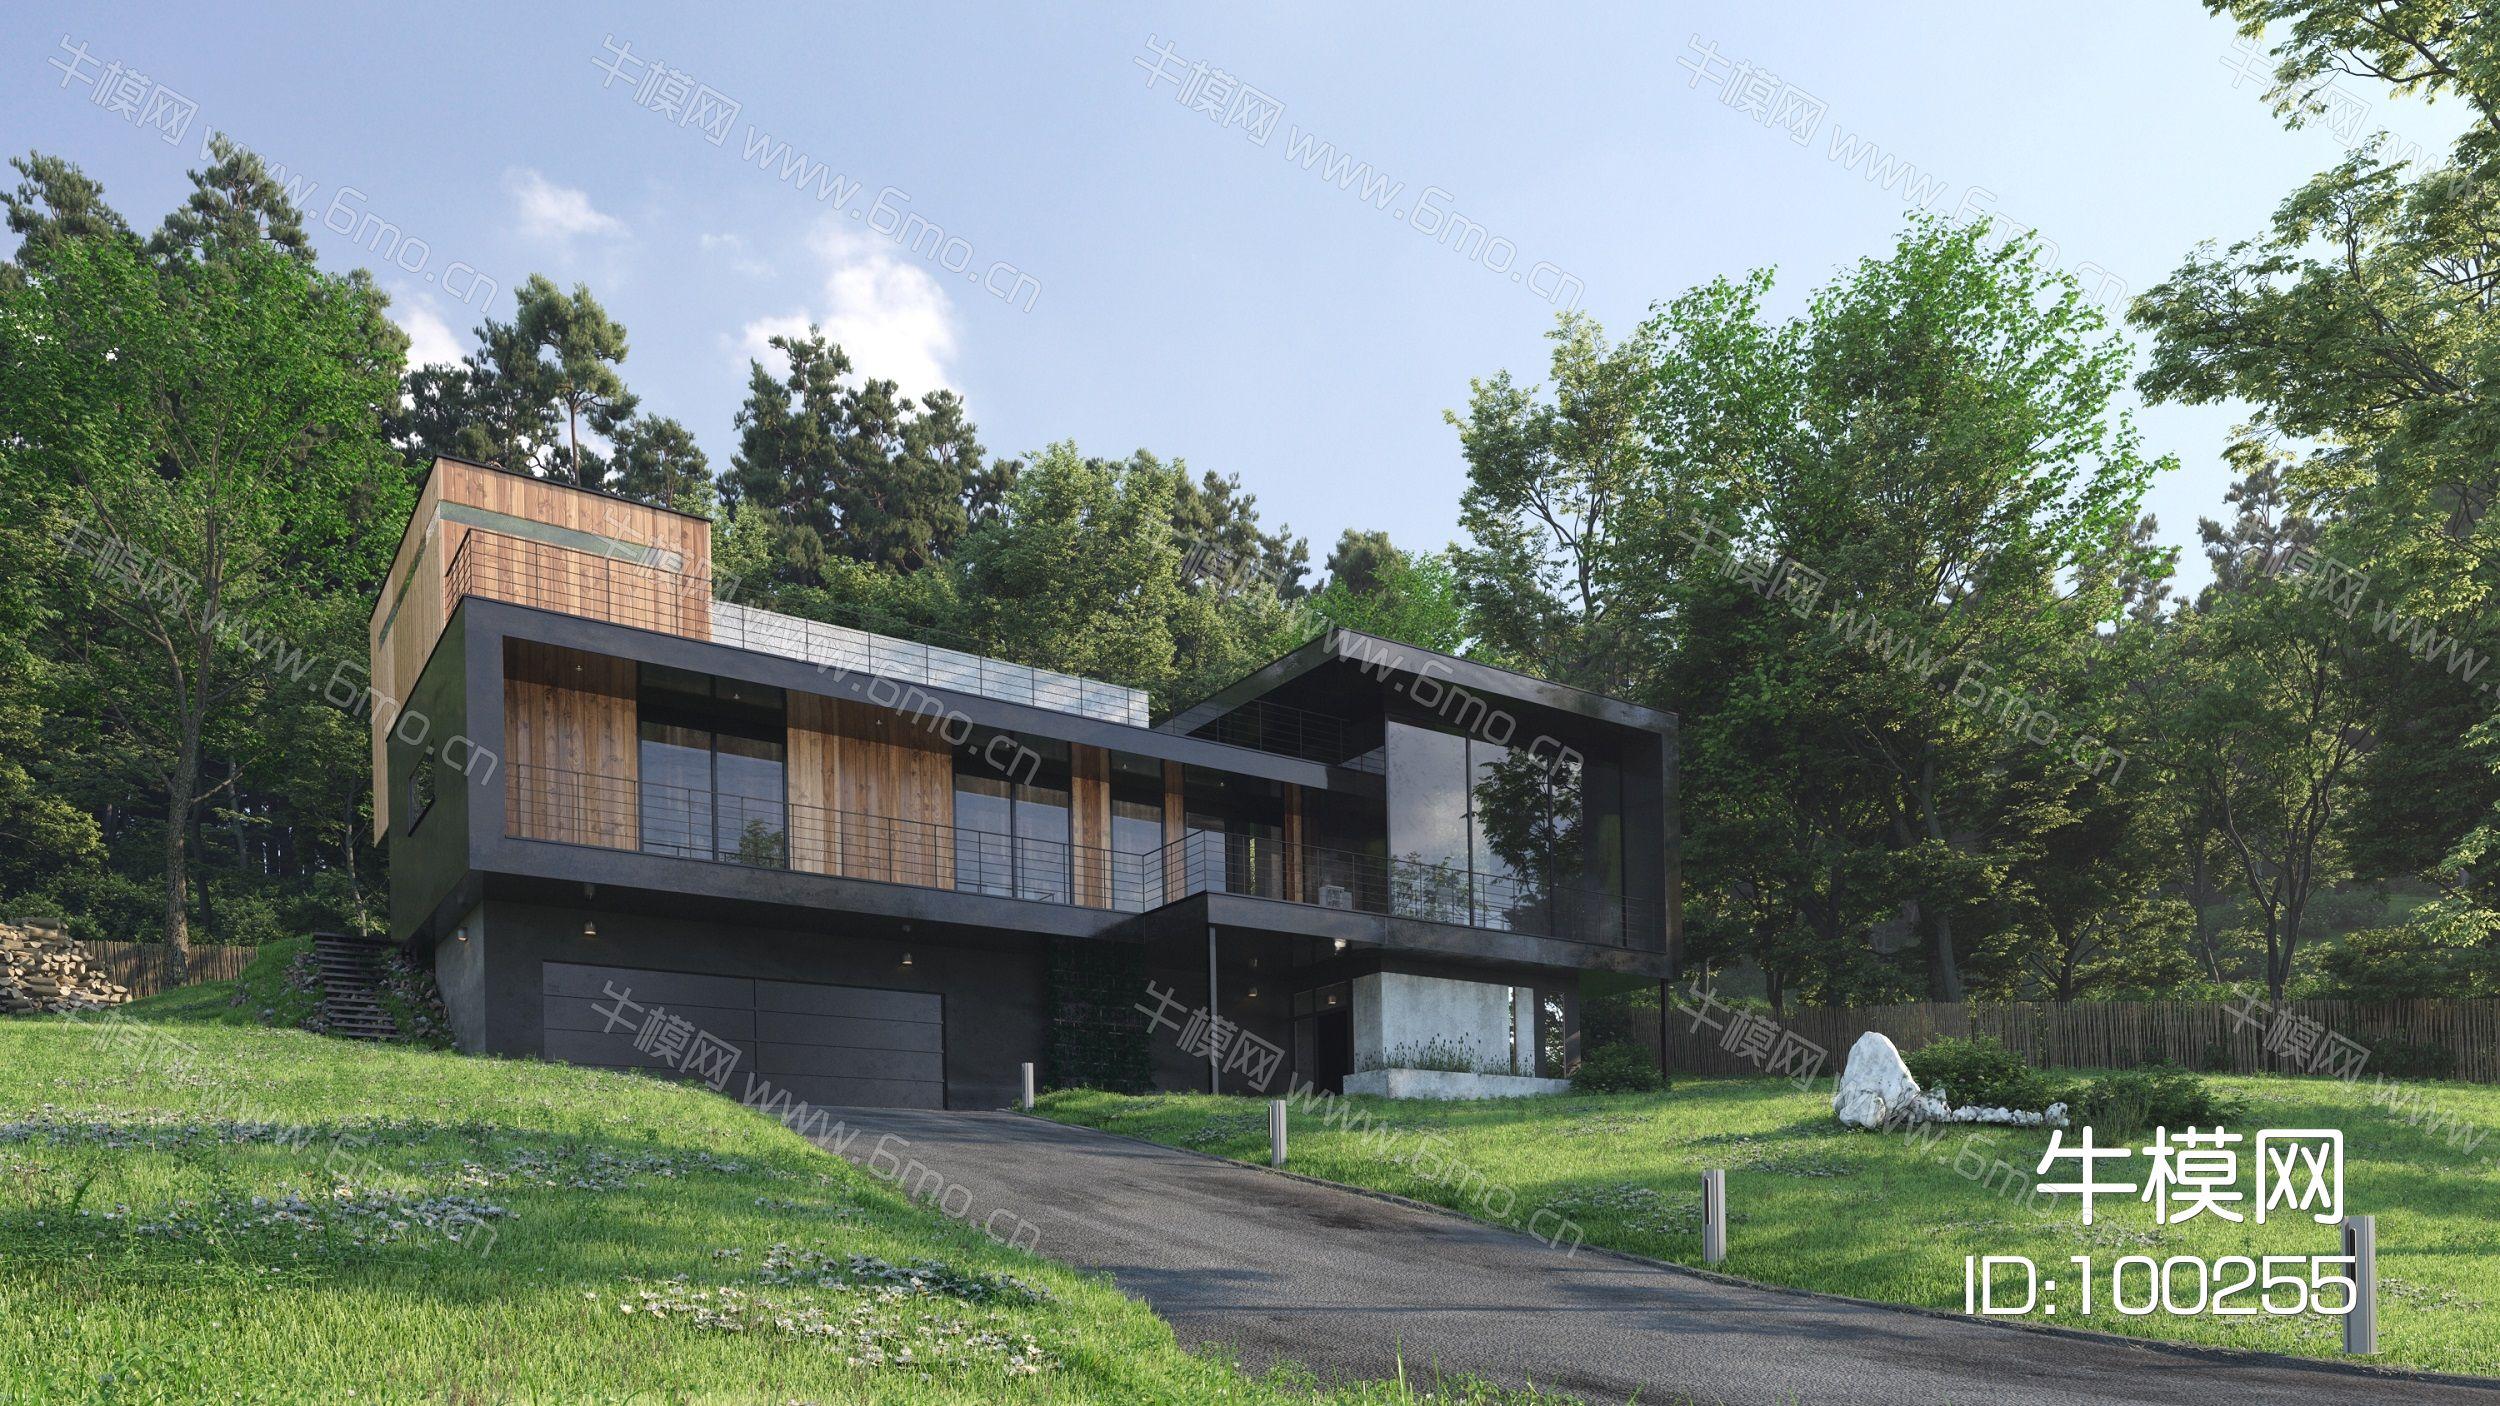 高品质别墅豪宅建筑外部景观